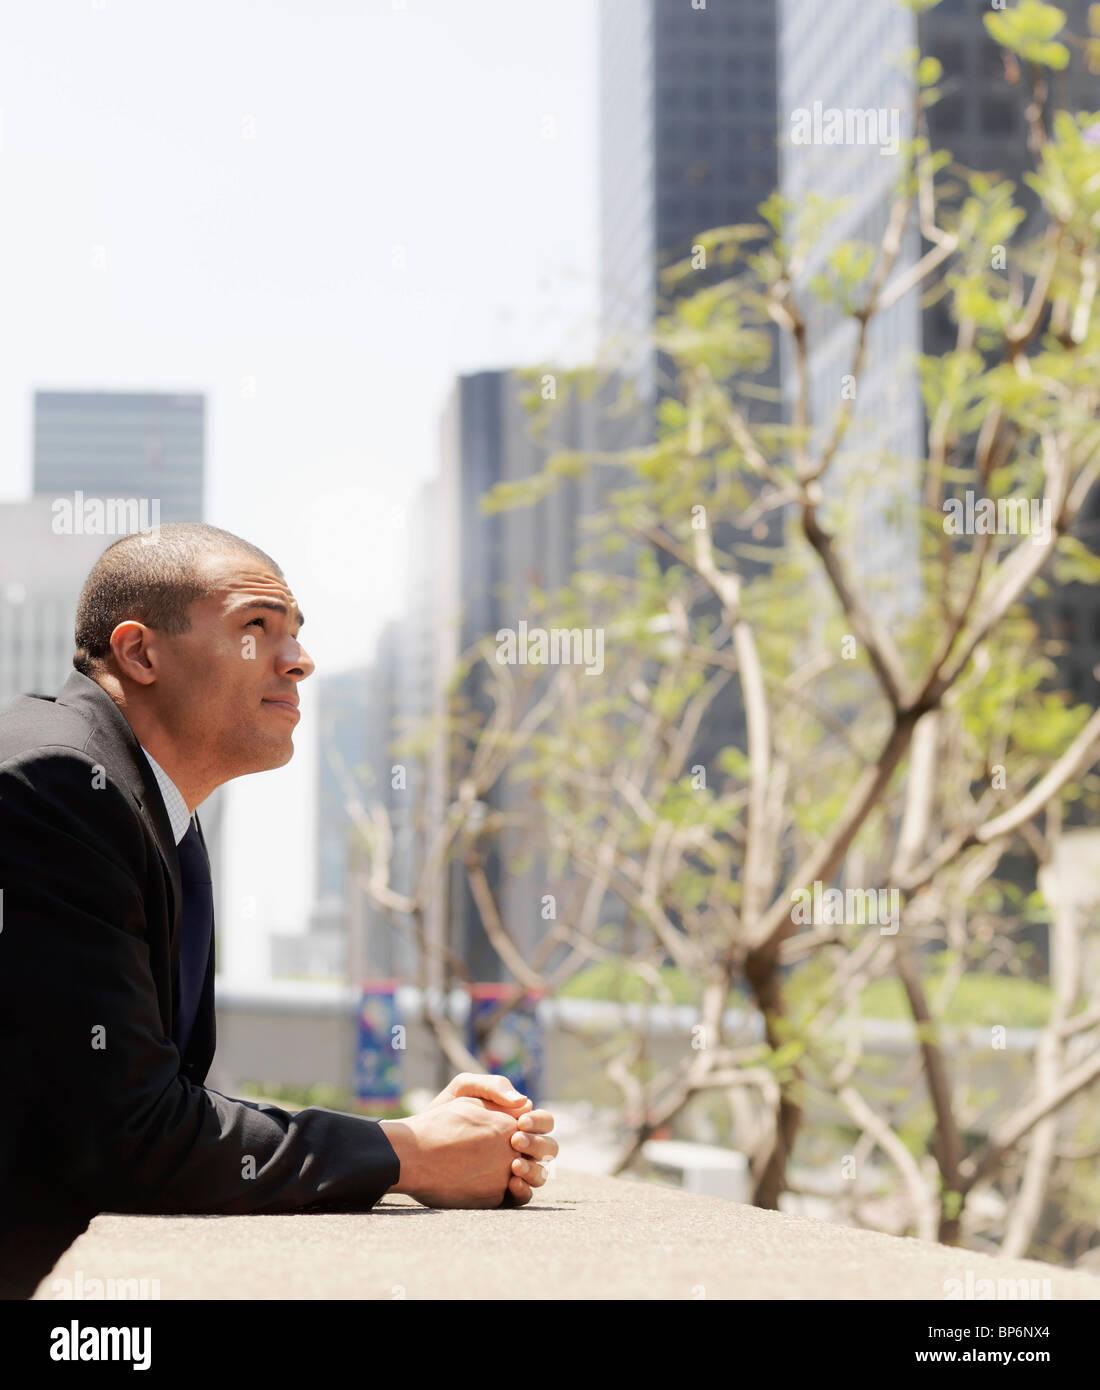 Portrait of a contemplative businessman - Stock Image